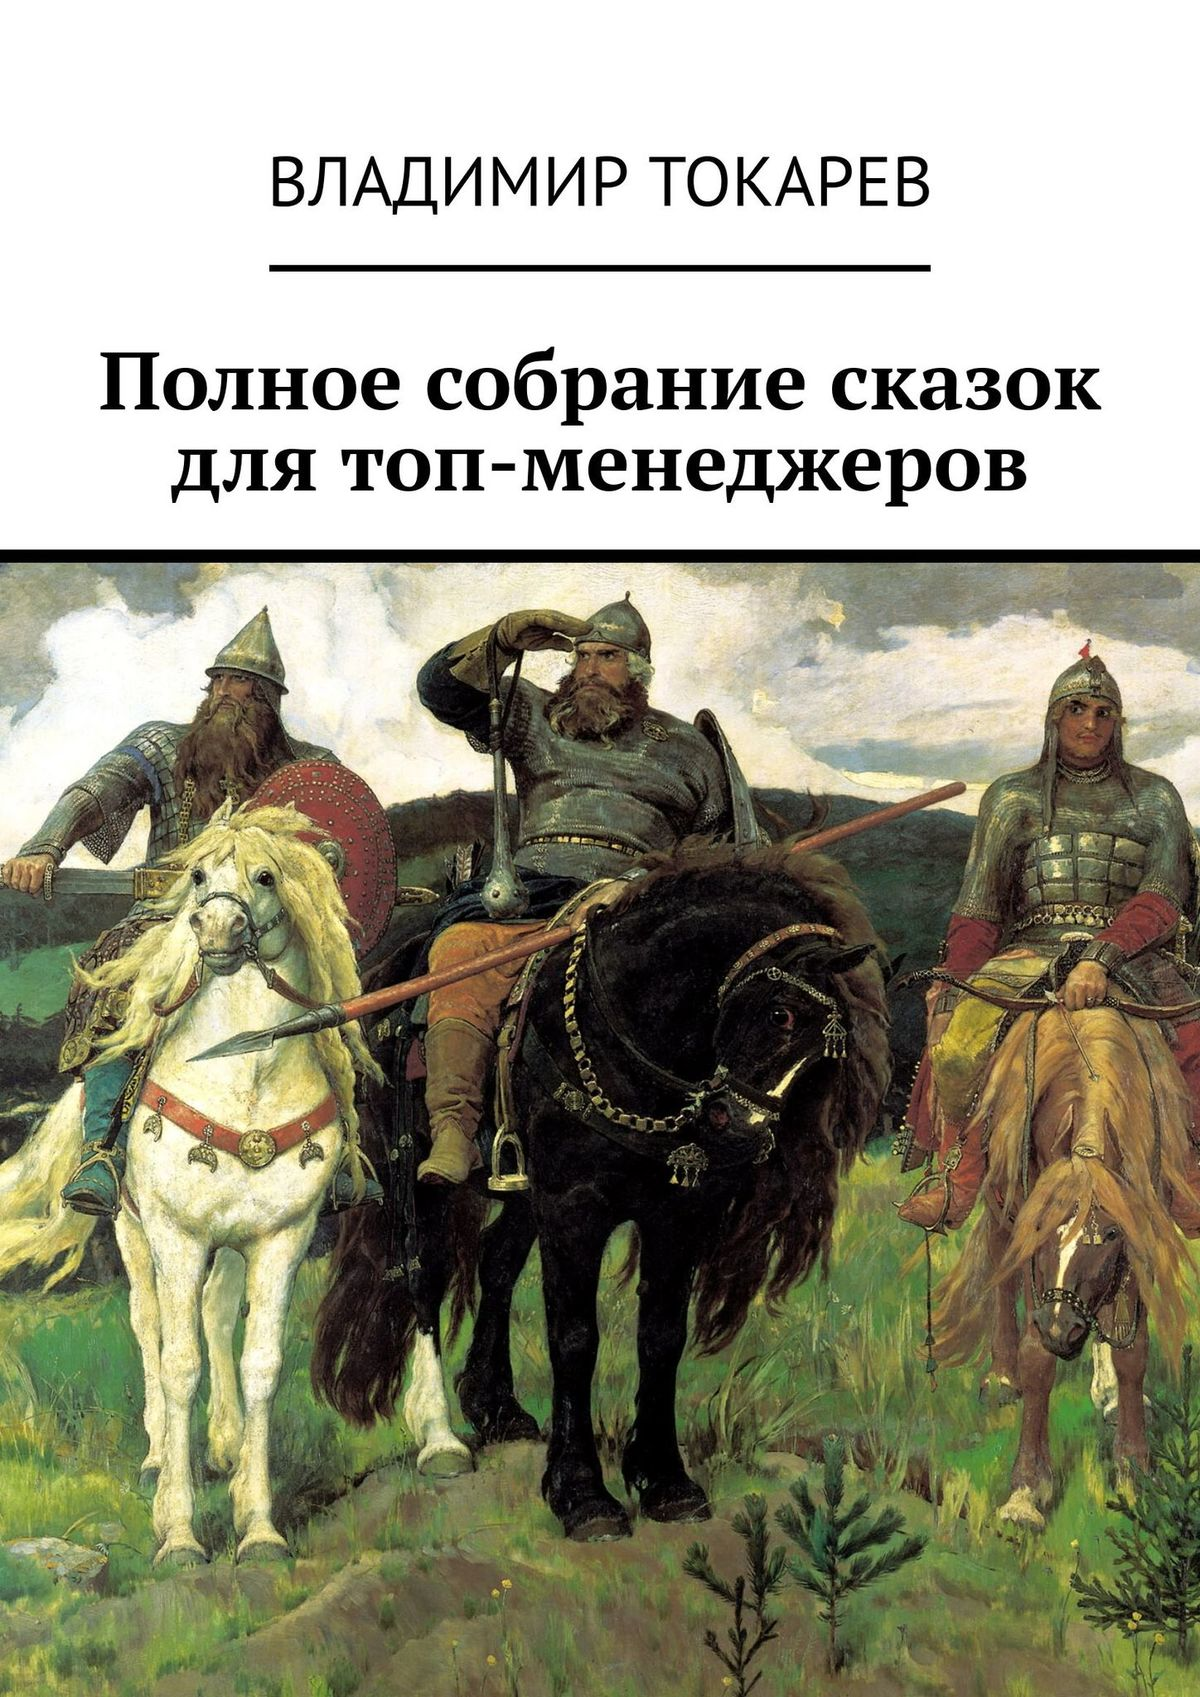 Владимир Токарев Полное собрание сказок для топ-менеджеров